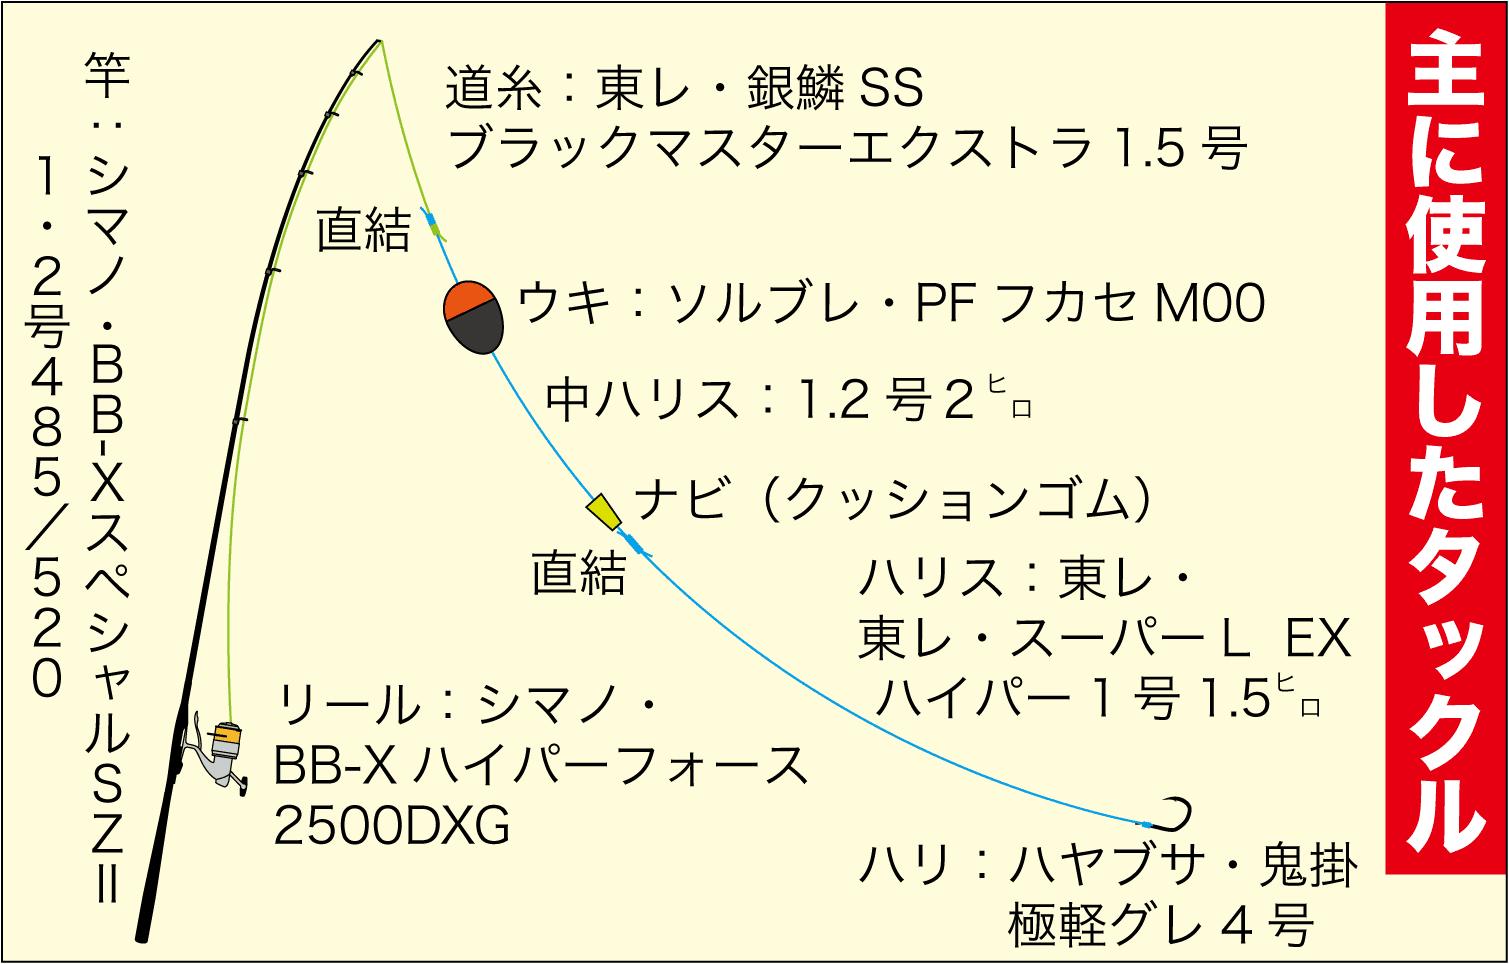 上田泰大トーナメント思考11